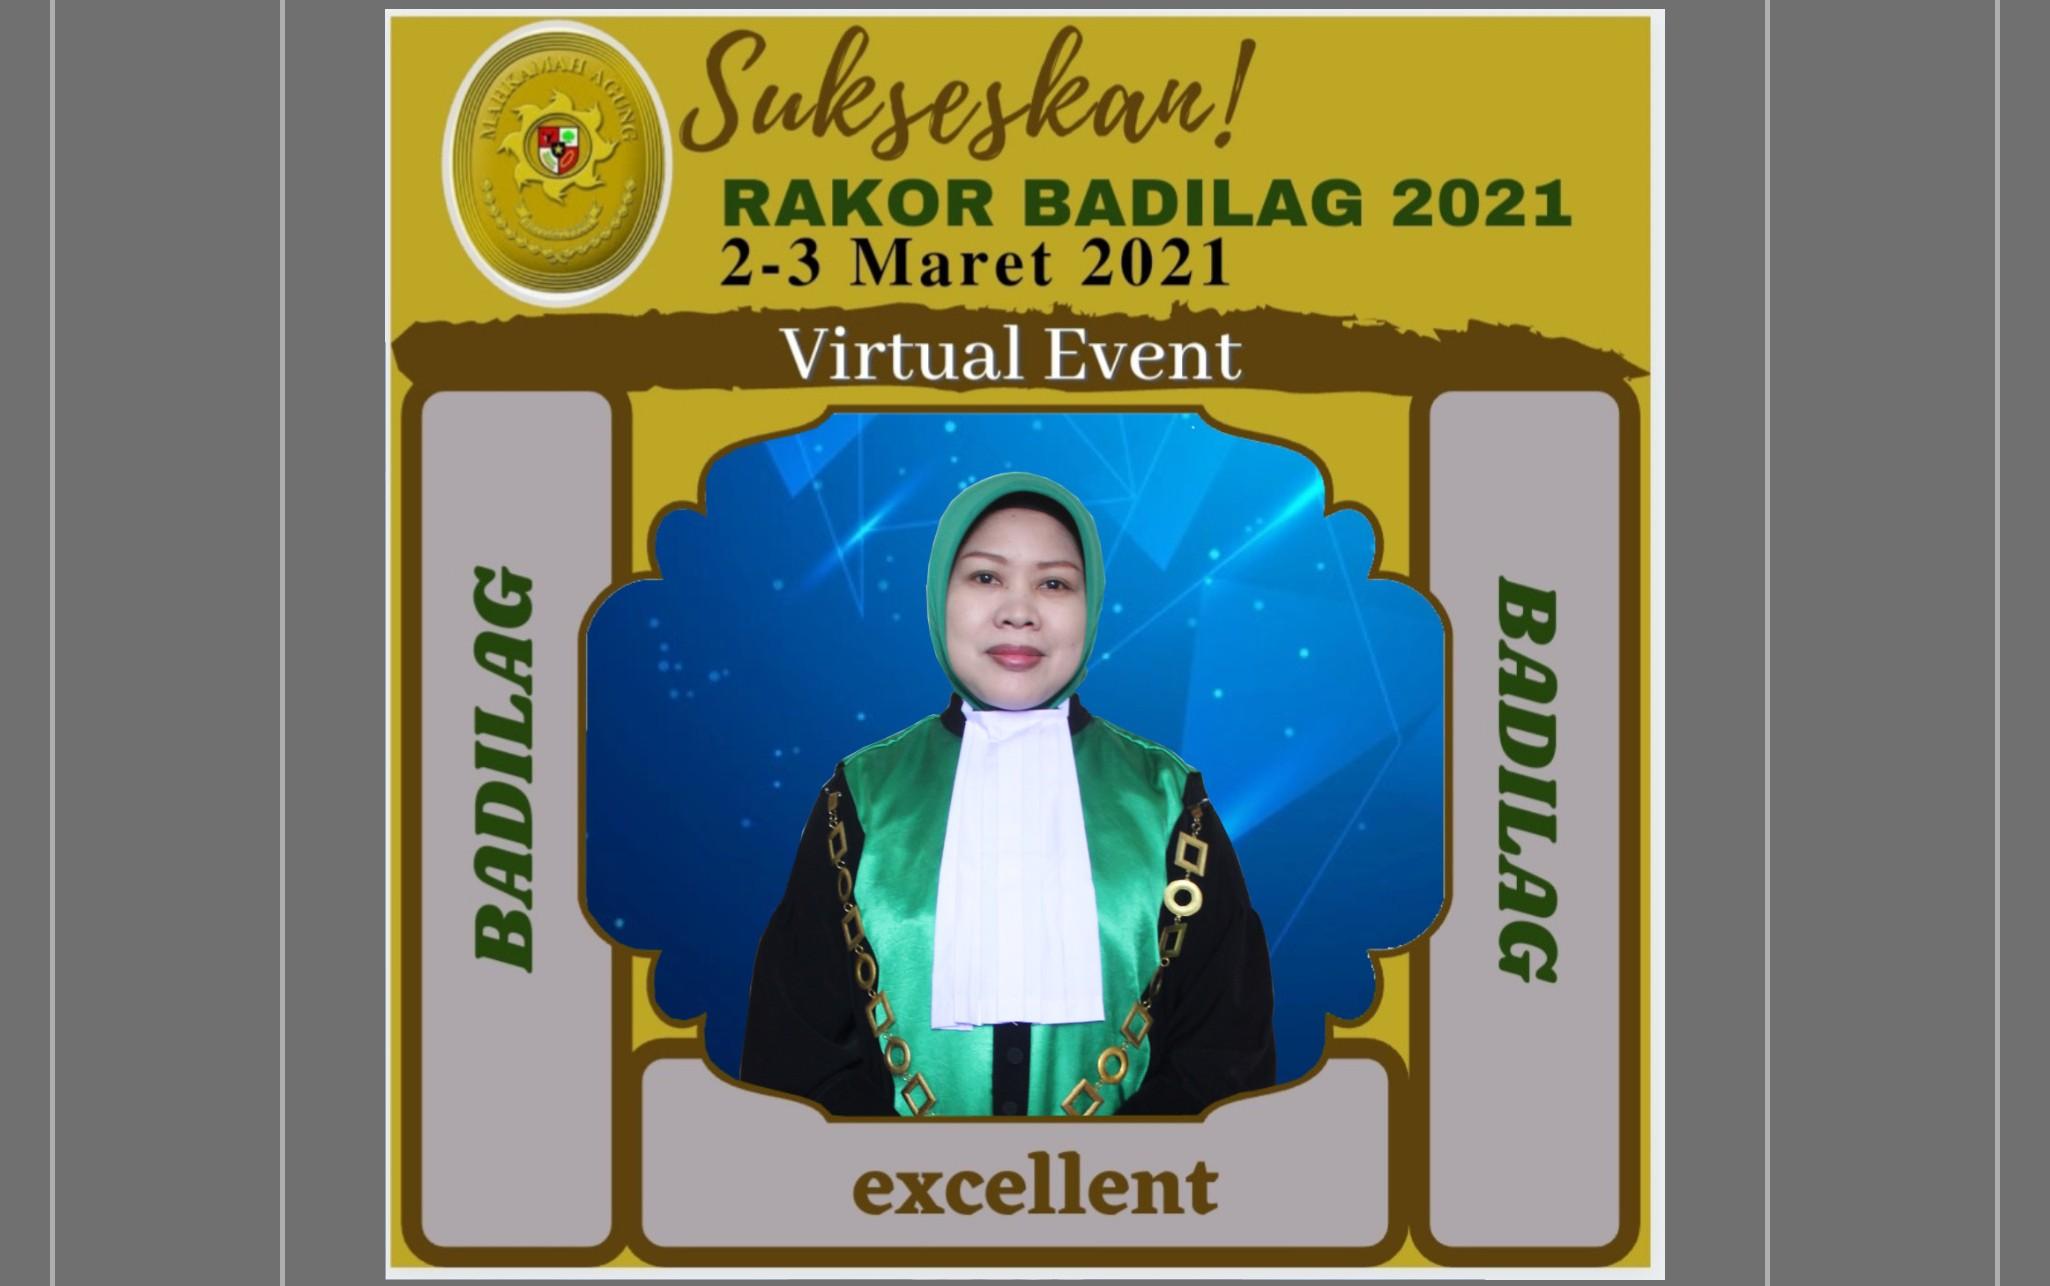 Rakor Badilag 2021